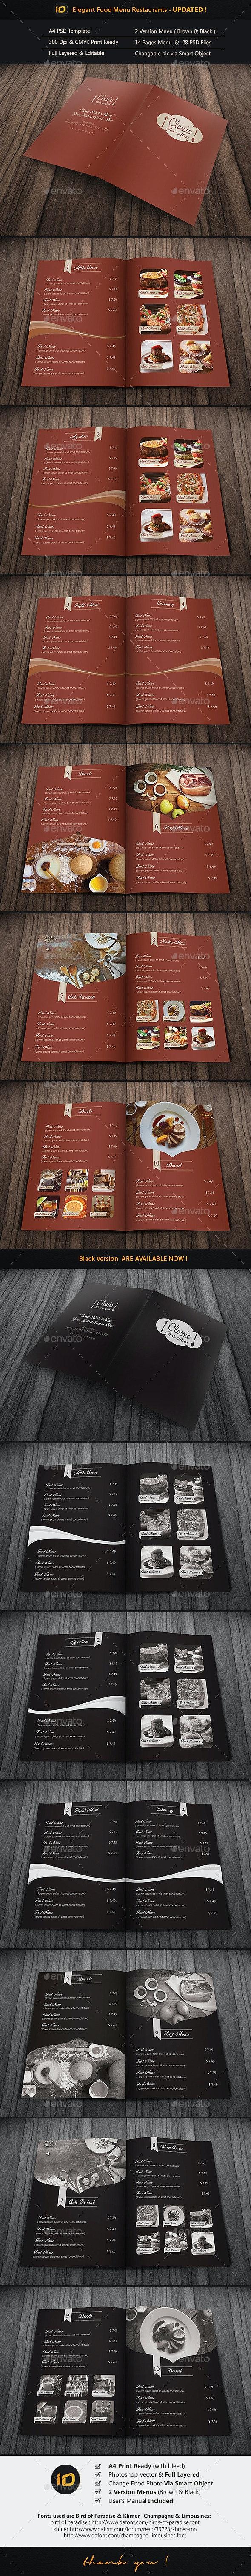 Elegant Food Menu Restaurant - Food Menus Print Templates